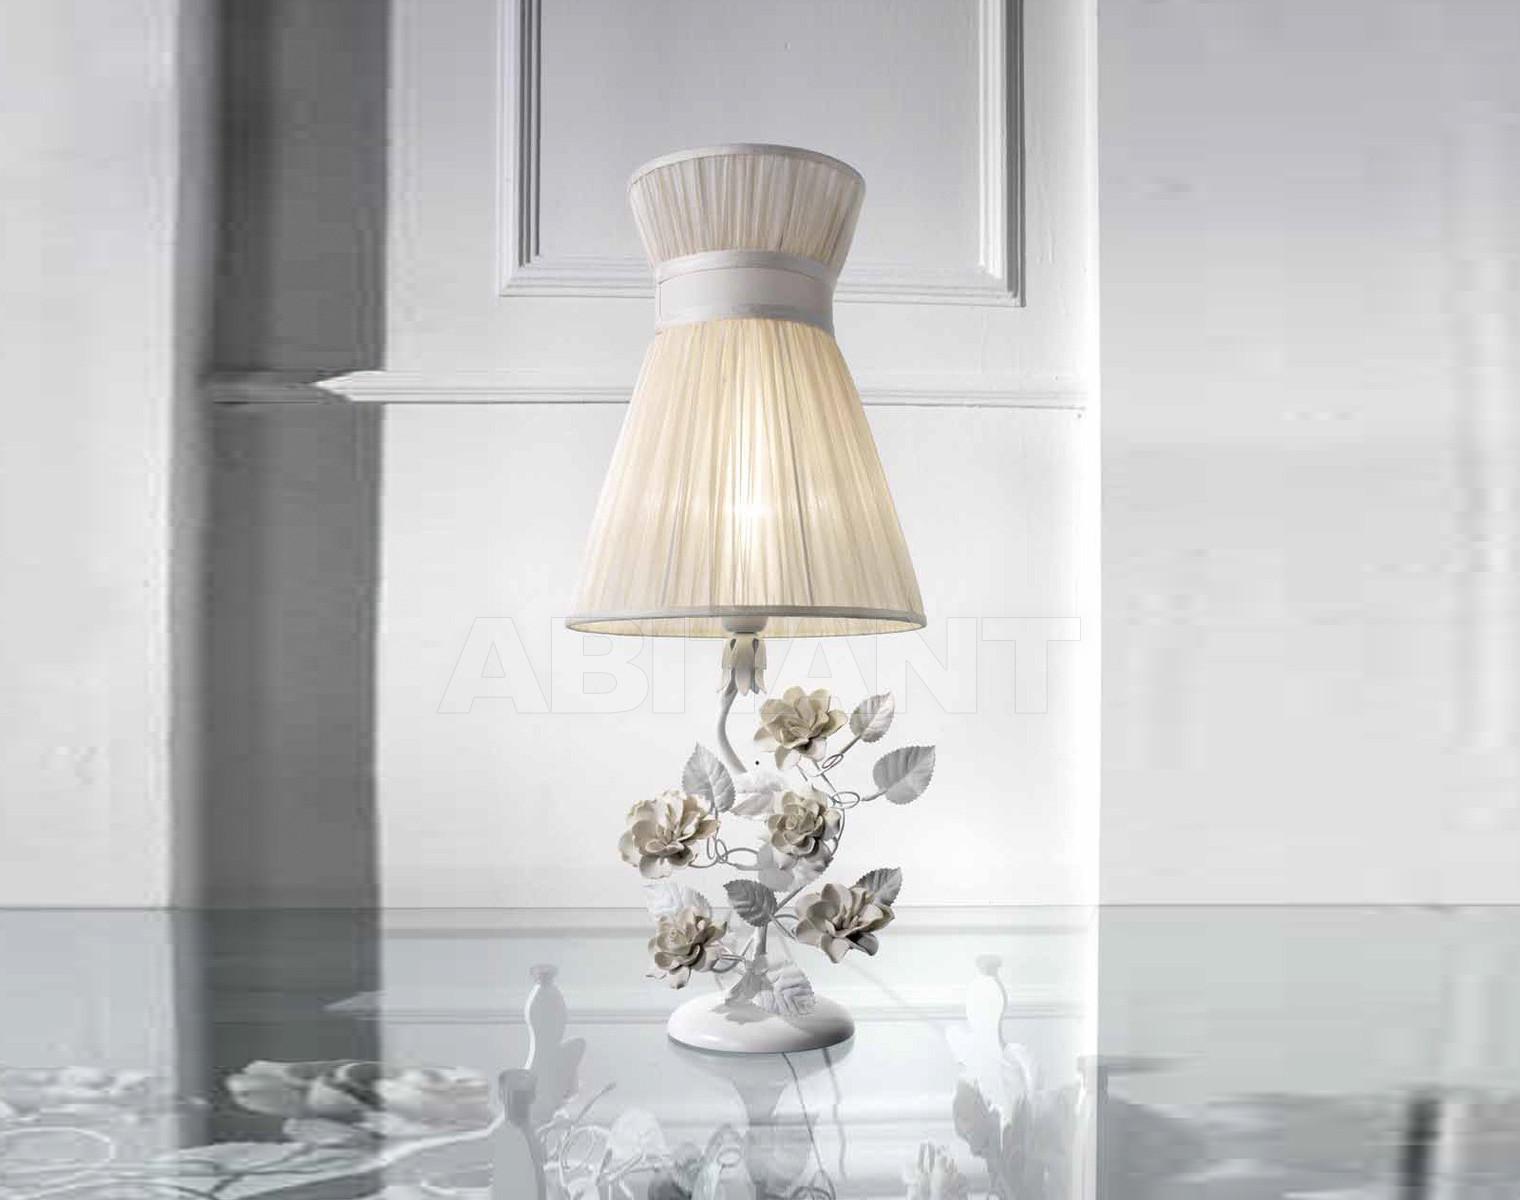 Купить Лампа настольная Villari Home And Lights 4200451-101